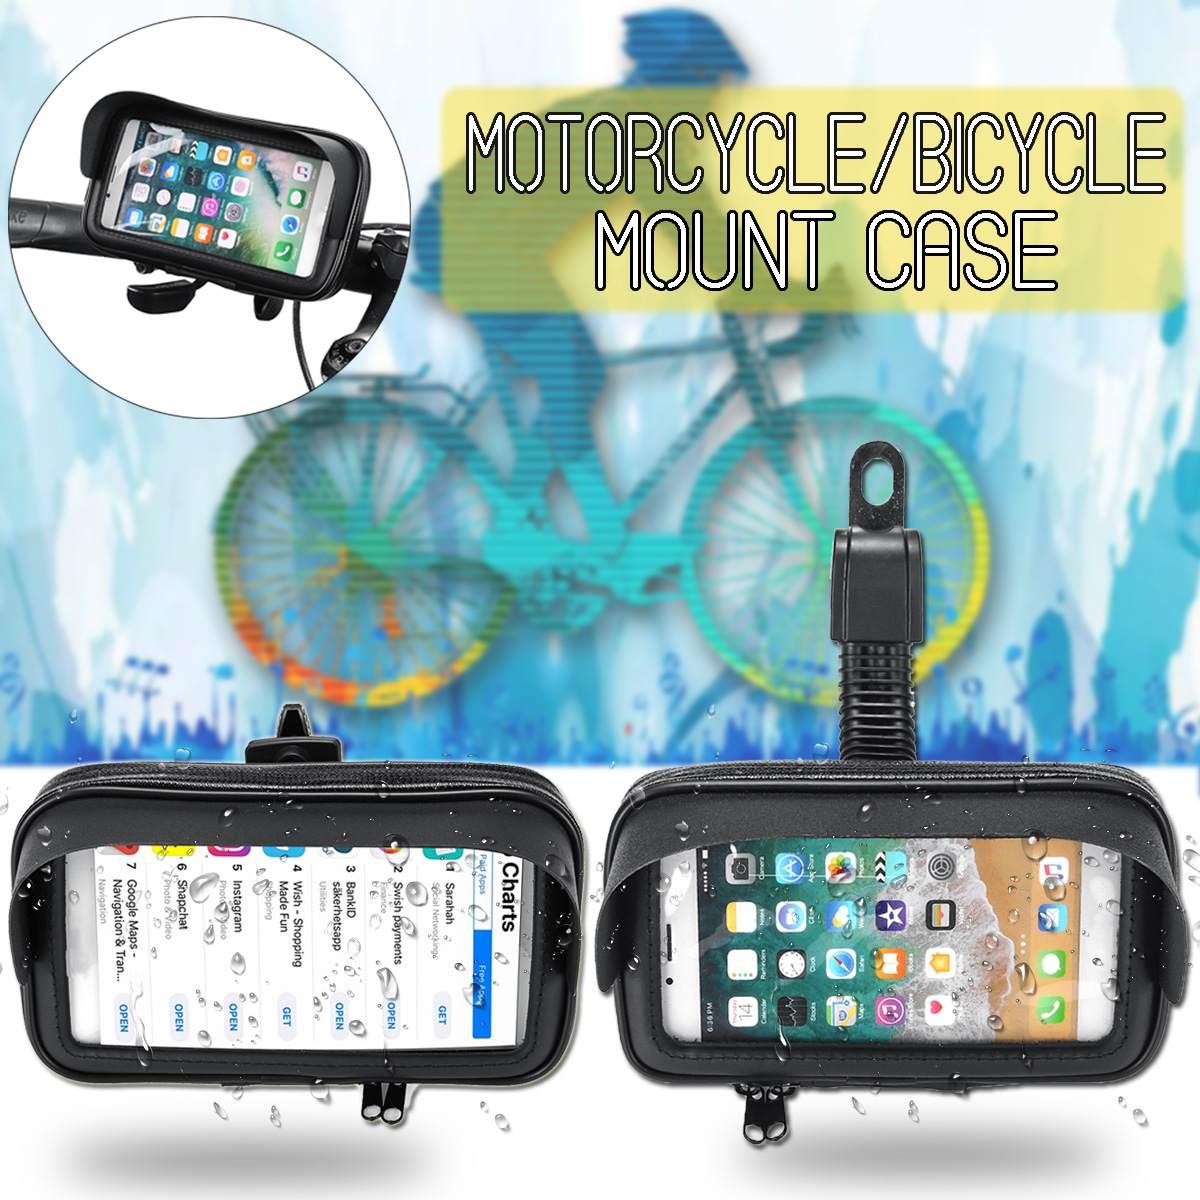 5.5/'/' Waterproof Mobile Phone Holder Motorcycle Bicycle Bike GPS Mount Case Bag